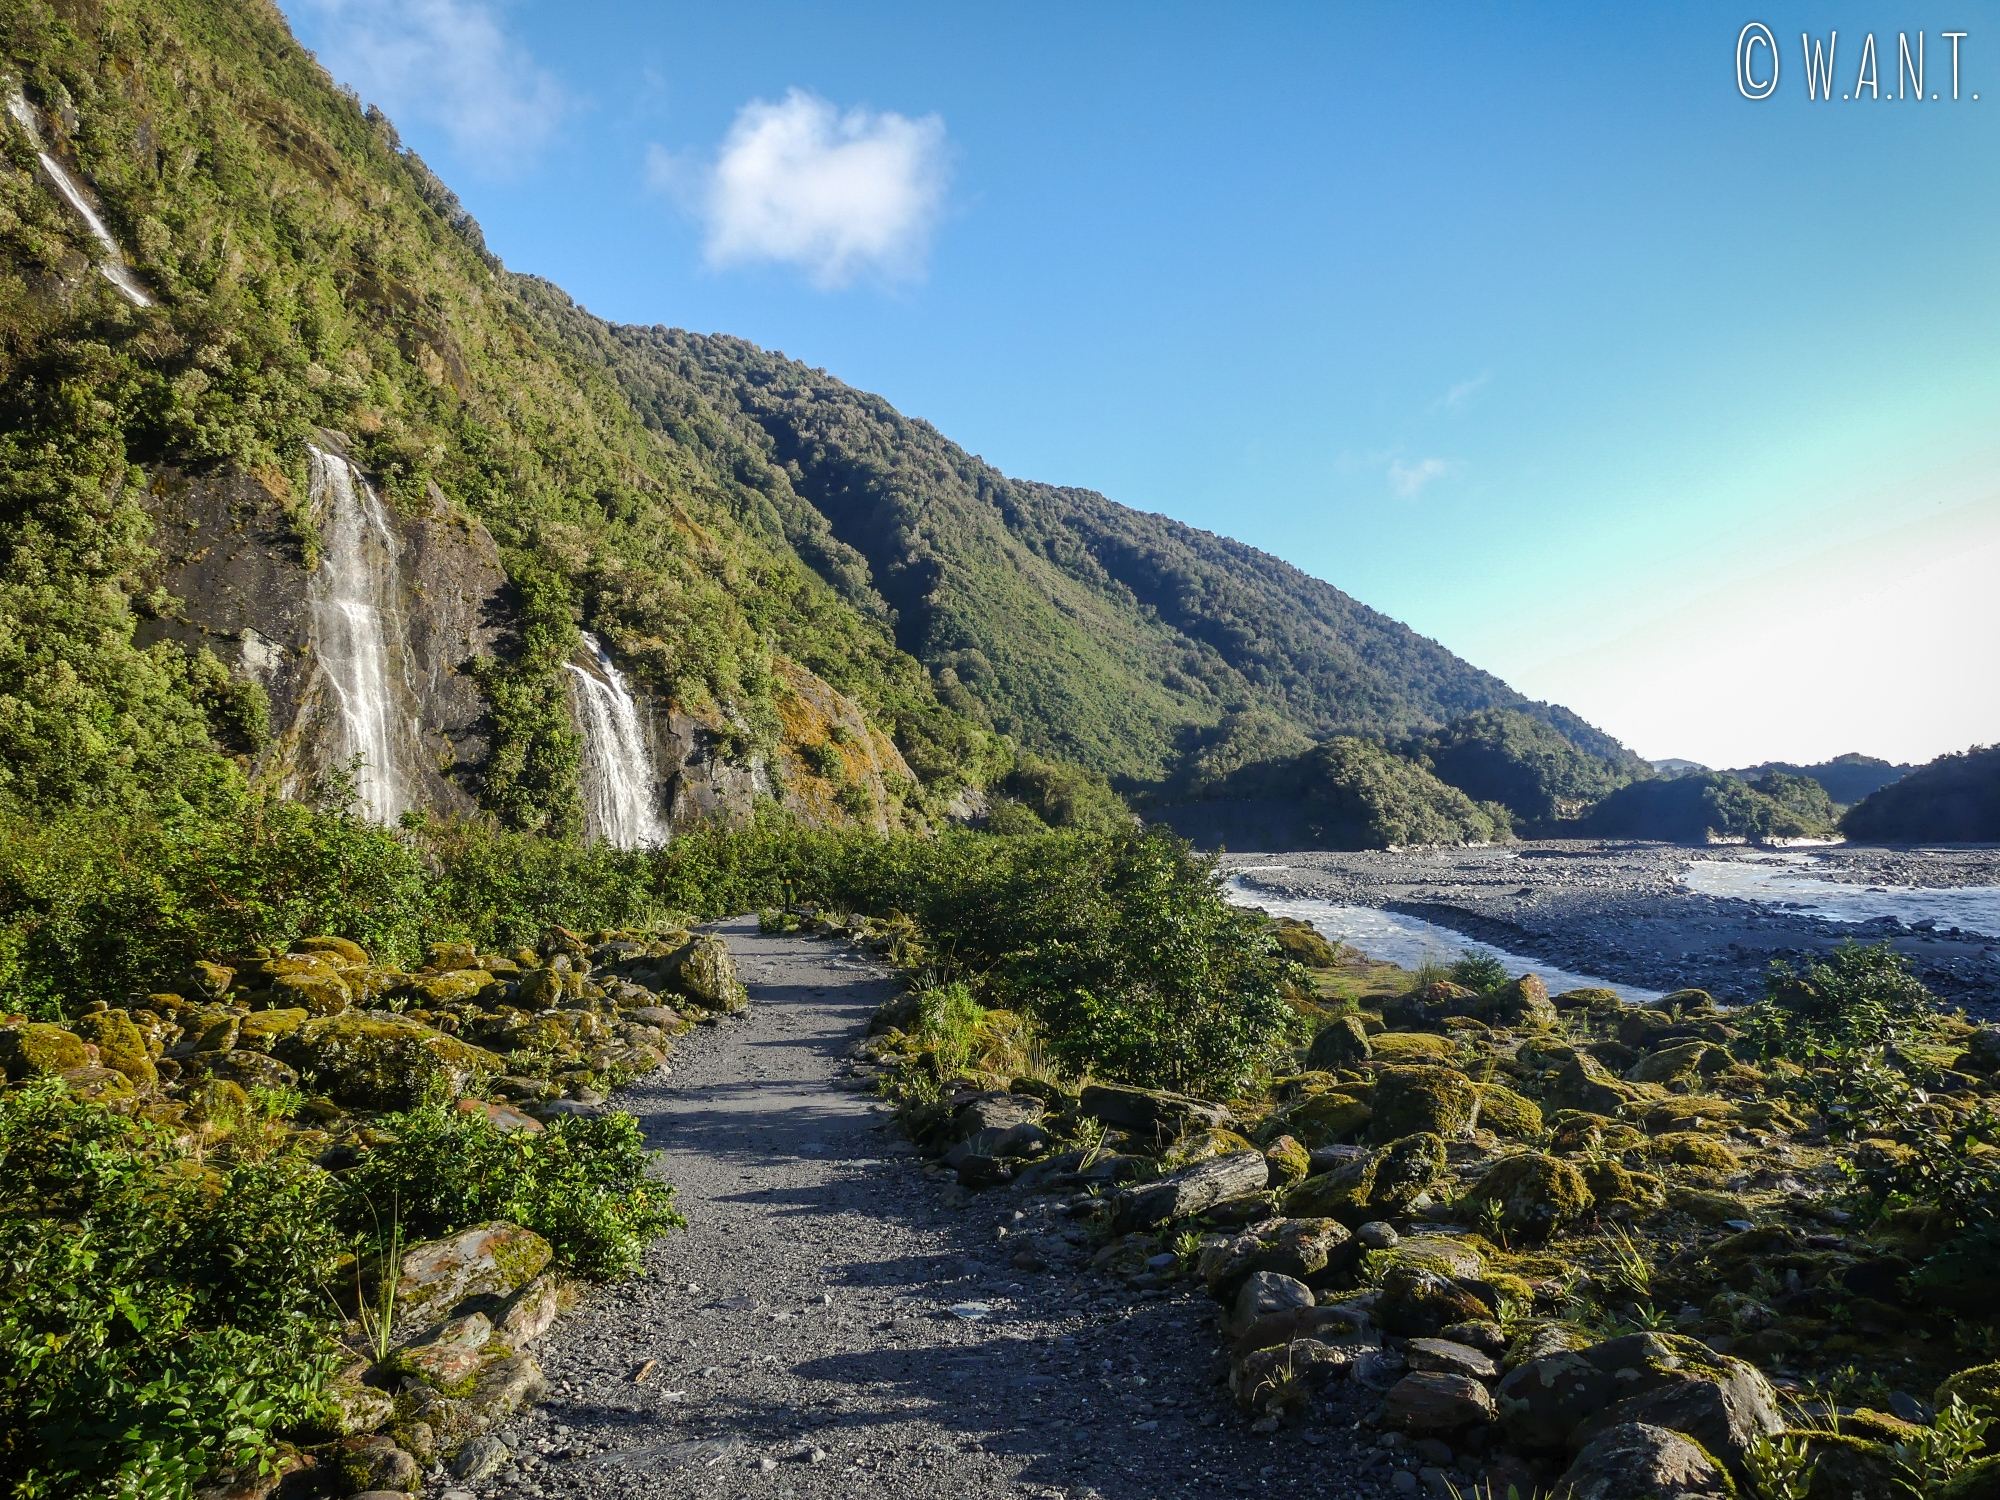 Chemin de randonnée du Franz Joseph Glacier en Nouvelle-Zélande